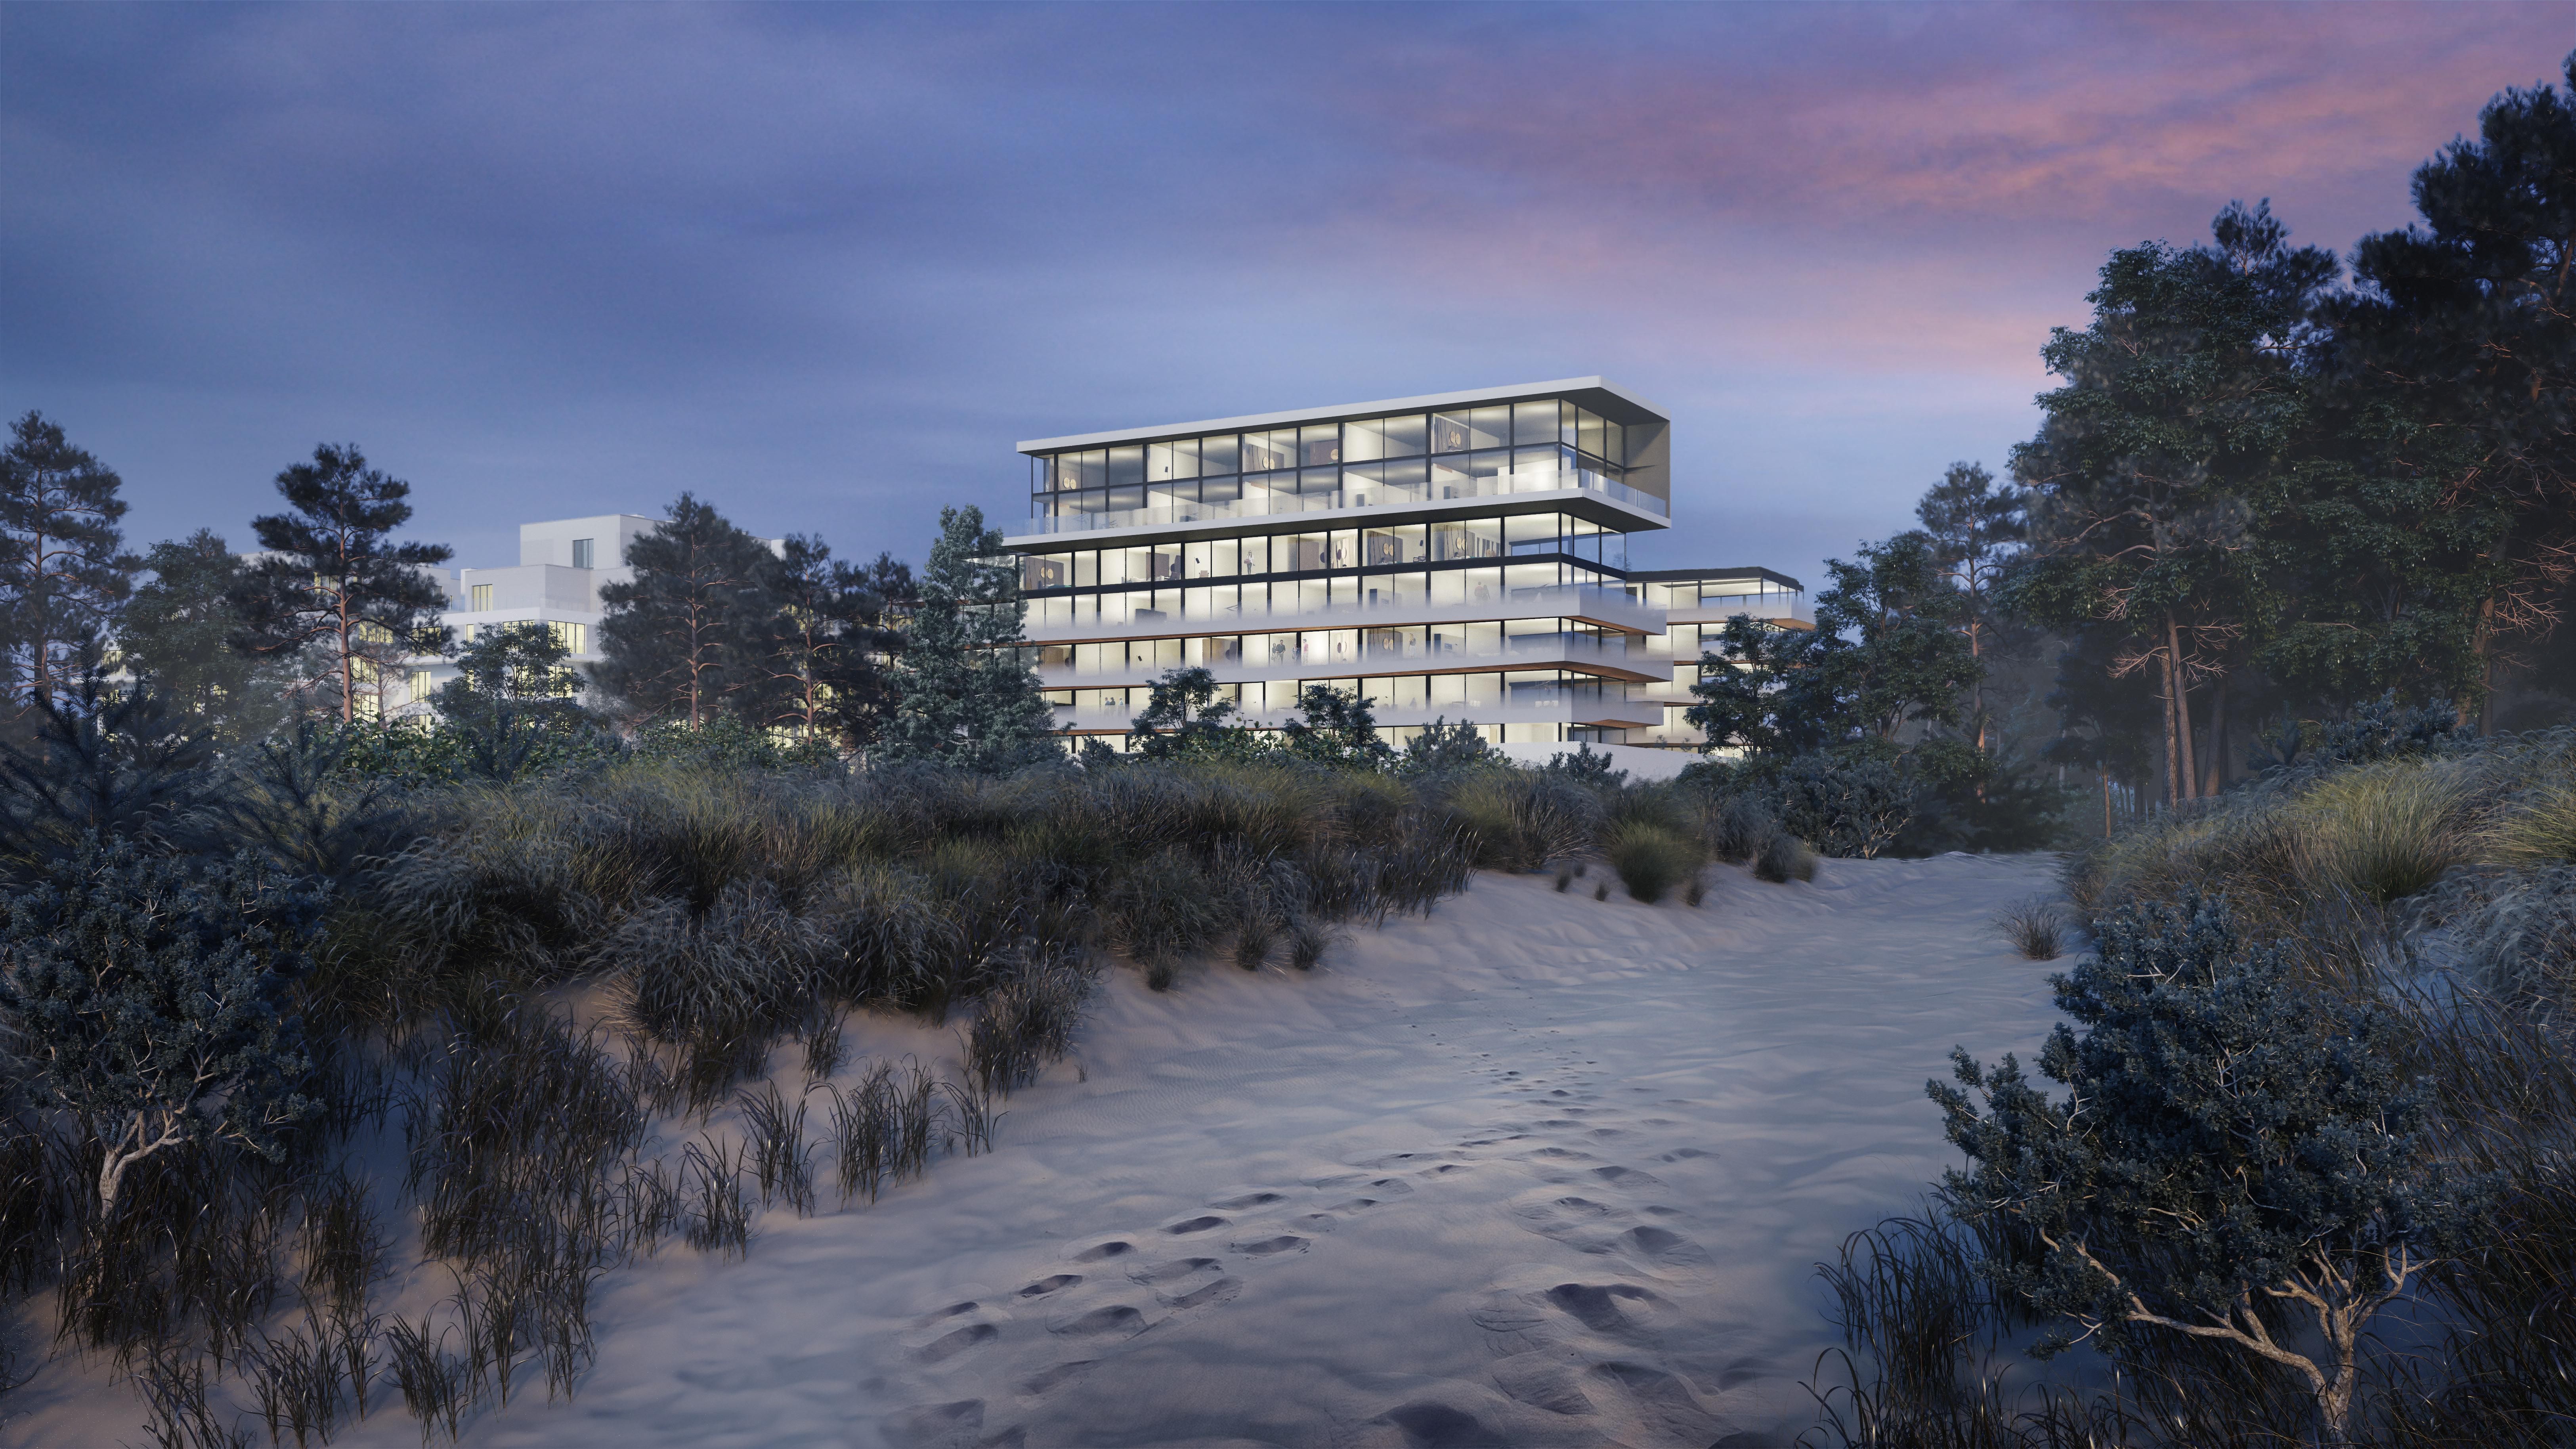 Wizualizacja 3D hotelu nad Bałtykiem Świnoujście widok z plaży